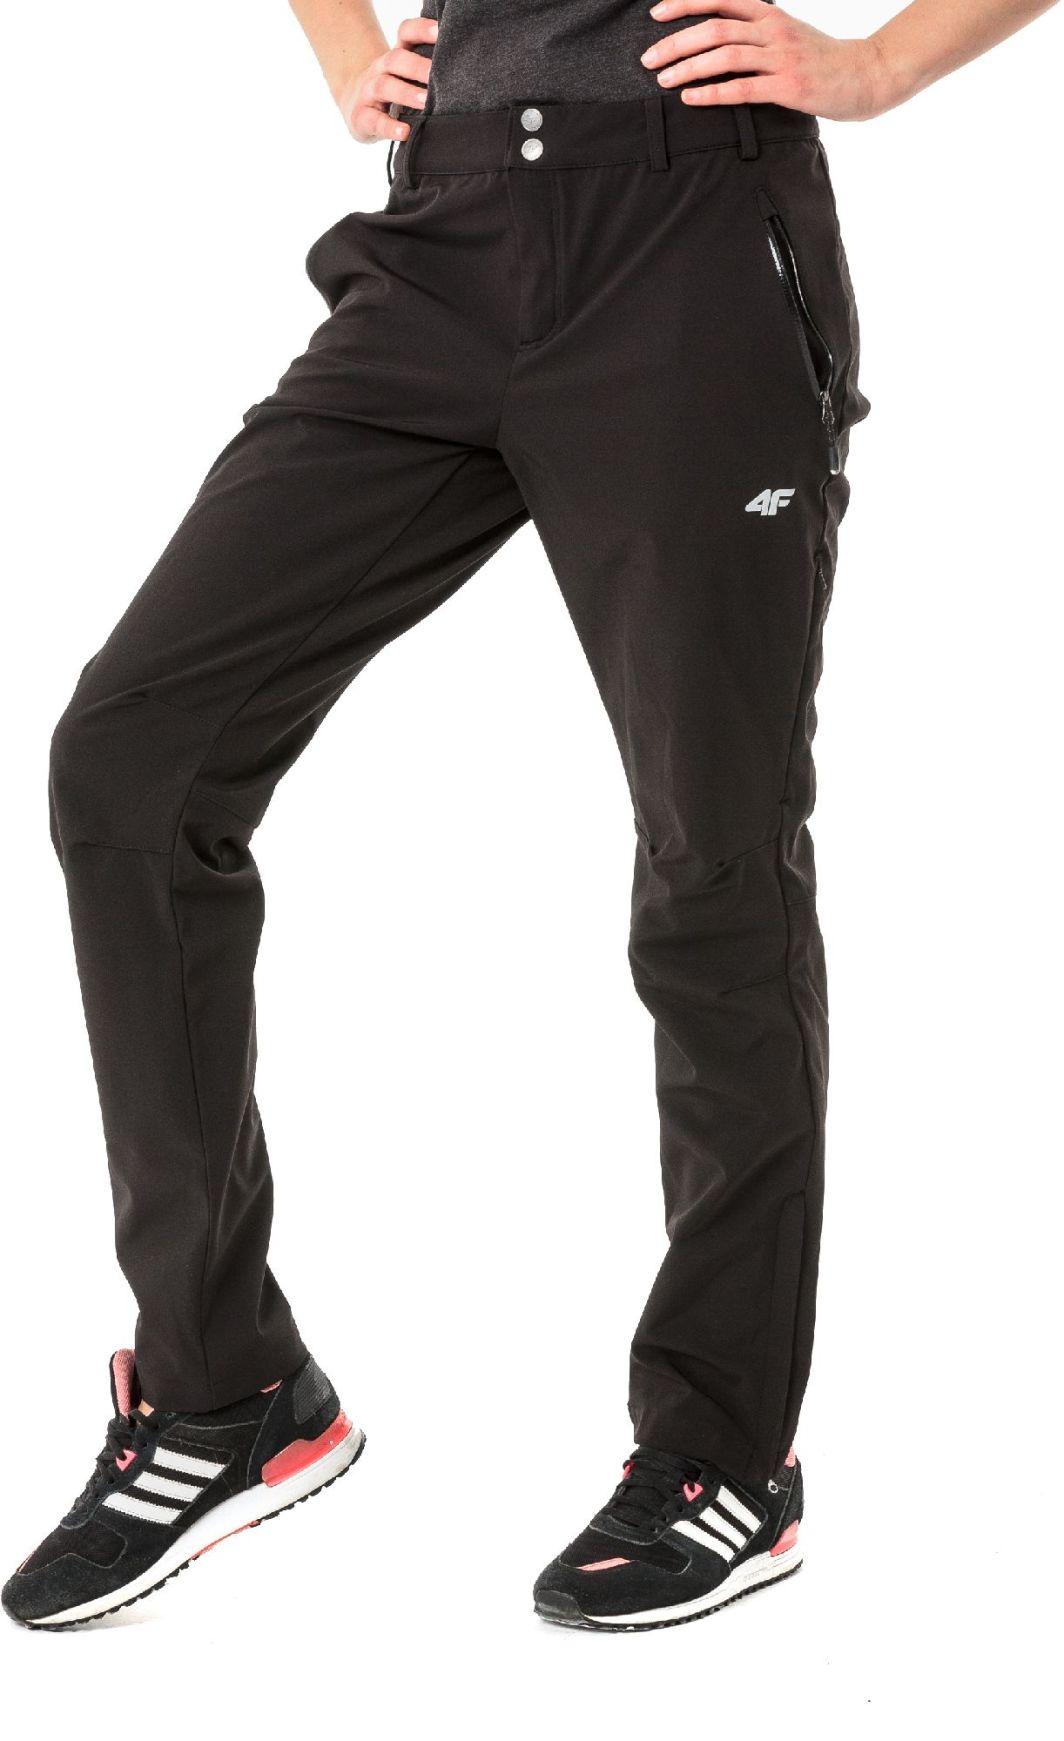 4f spodnie damskie ocieplane